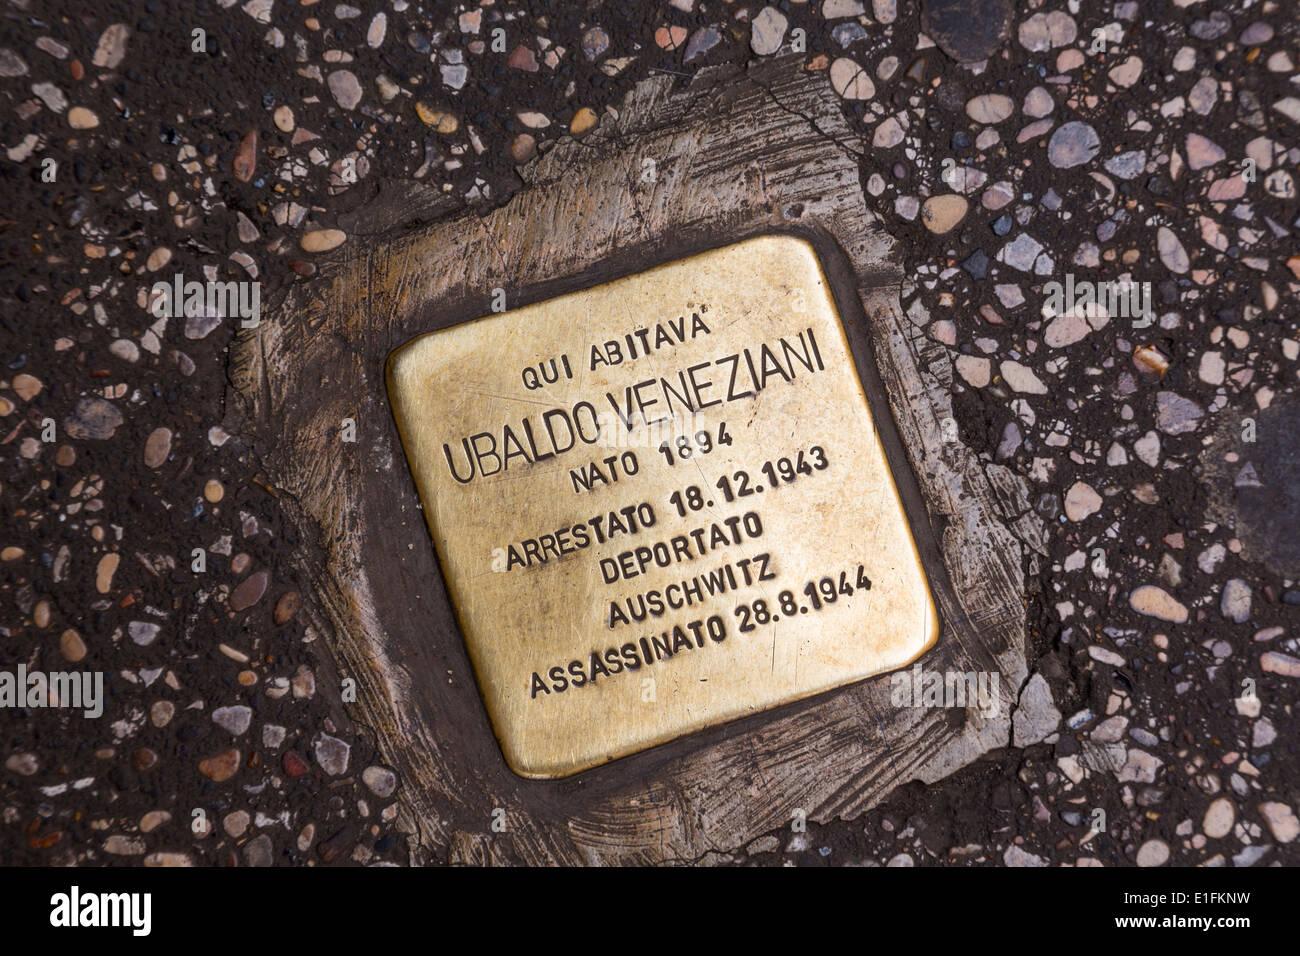 Rome, Italie. Jeu de plaque en chemin sur la Via del Babuino en mémoire d'une victime de l'Holocauste. Photo Stock